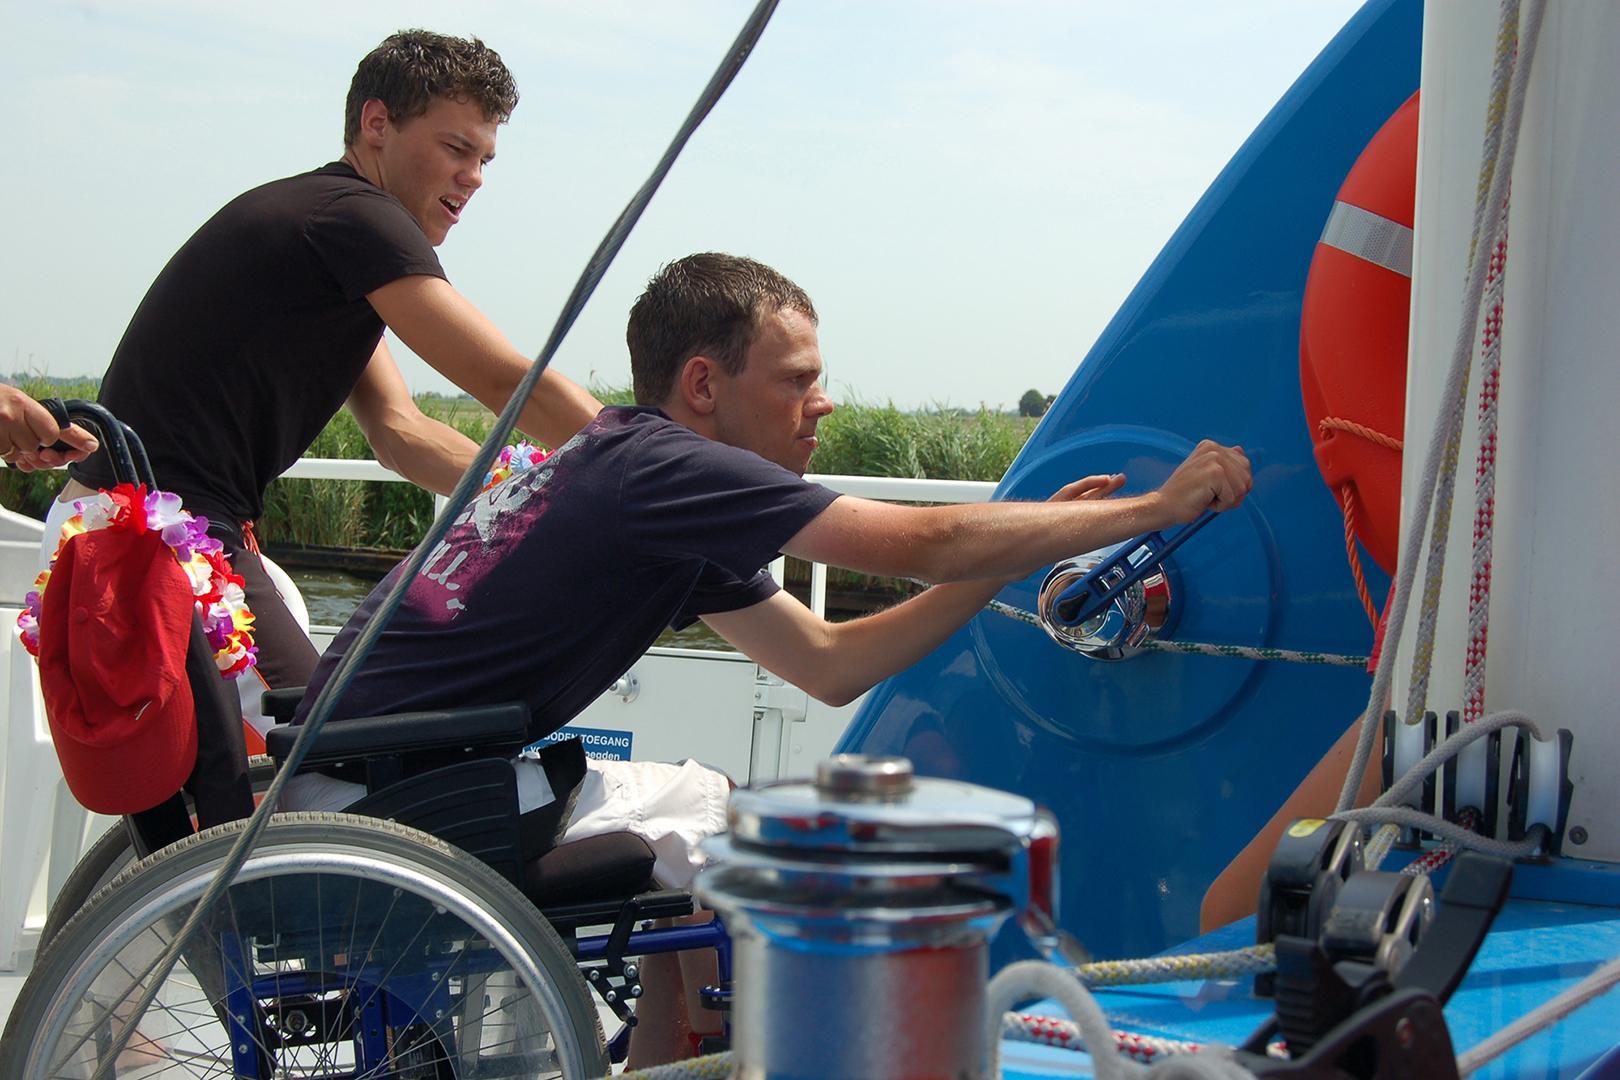 Lutgerdina terug naar Enkhuizen en in de vaart dankzij sponsorgeld na domper